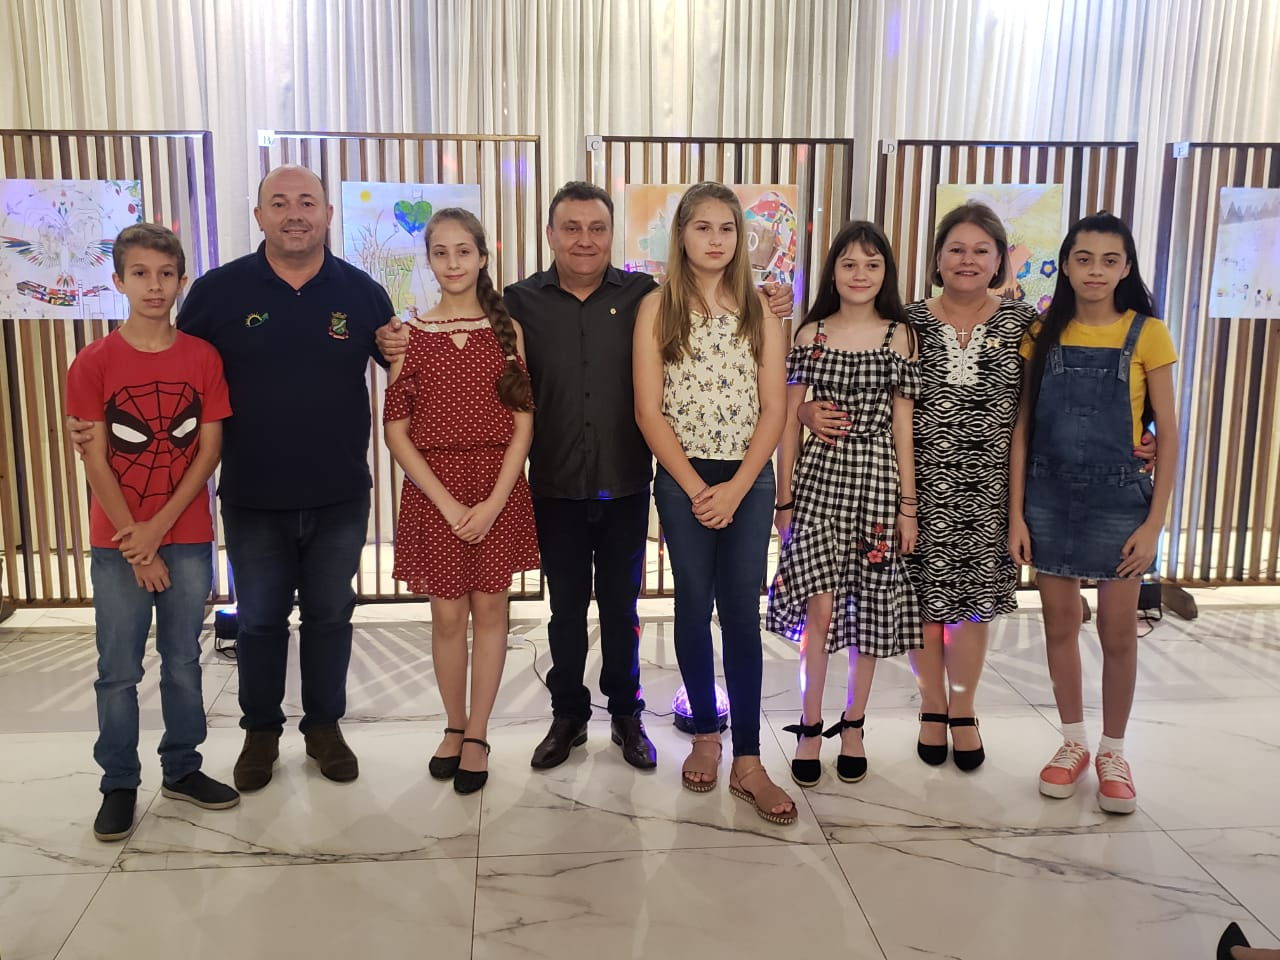 Prefeitura de Brusque e Lions realizam concurso cultural com estudantes das escolas municipais